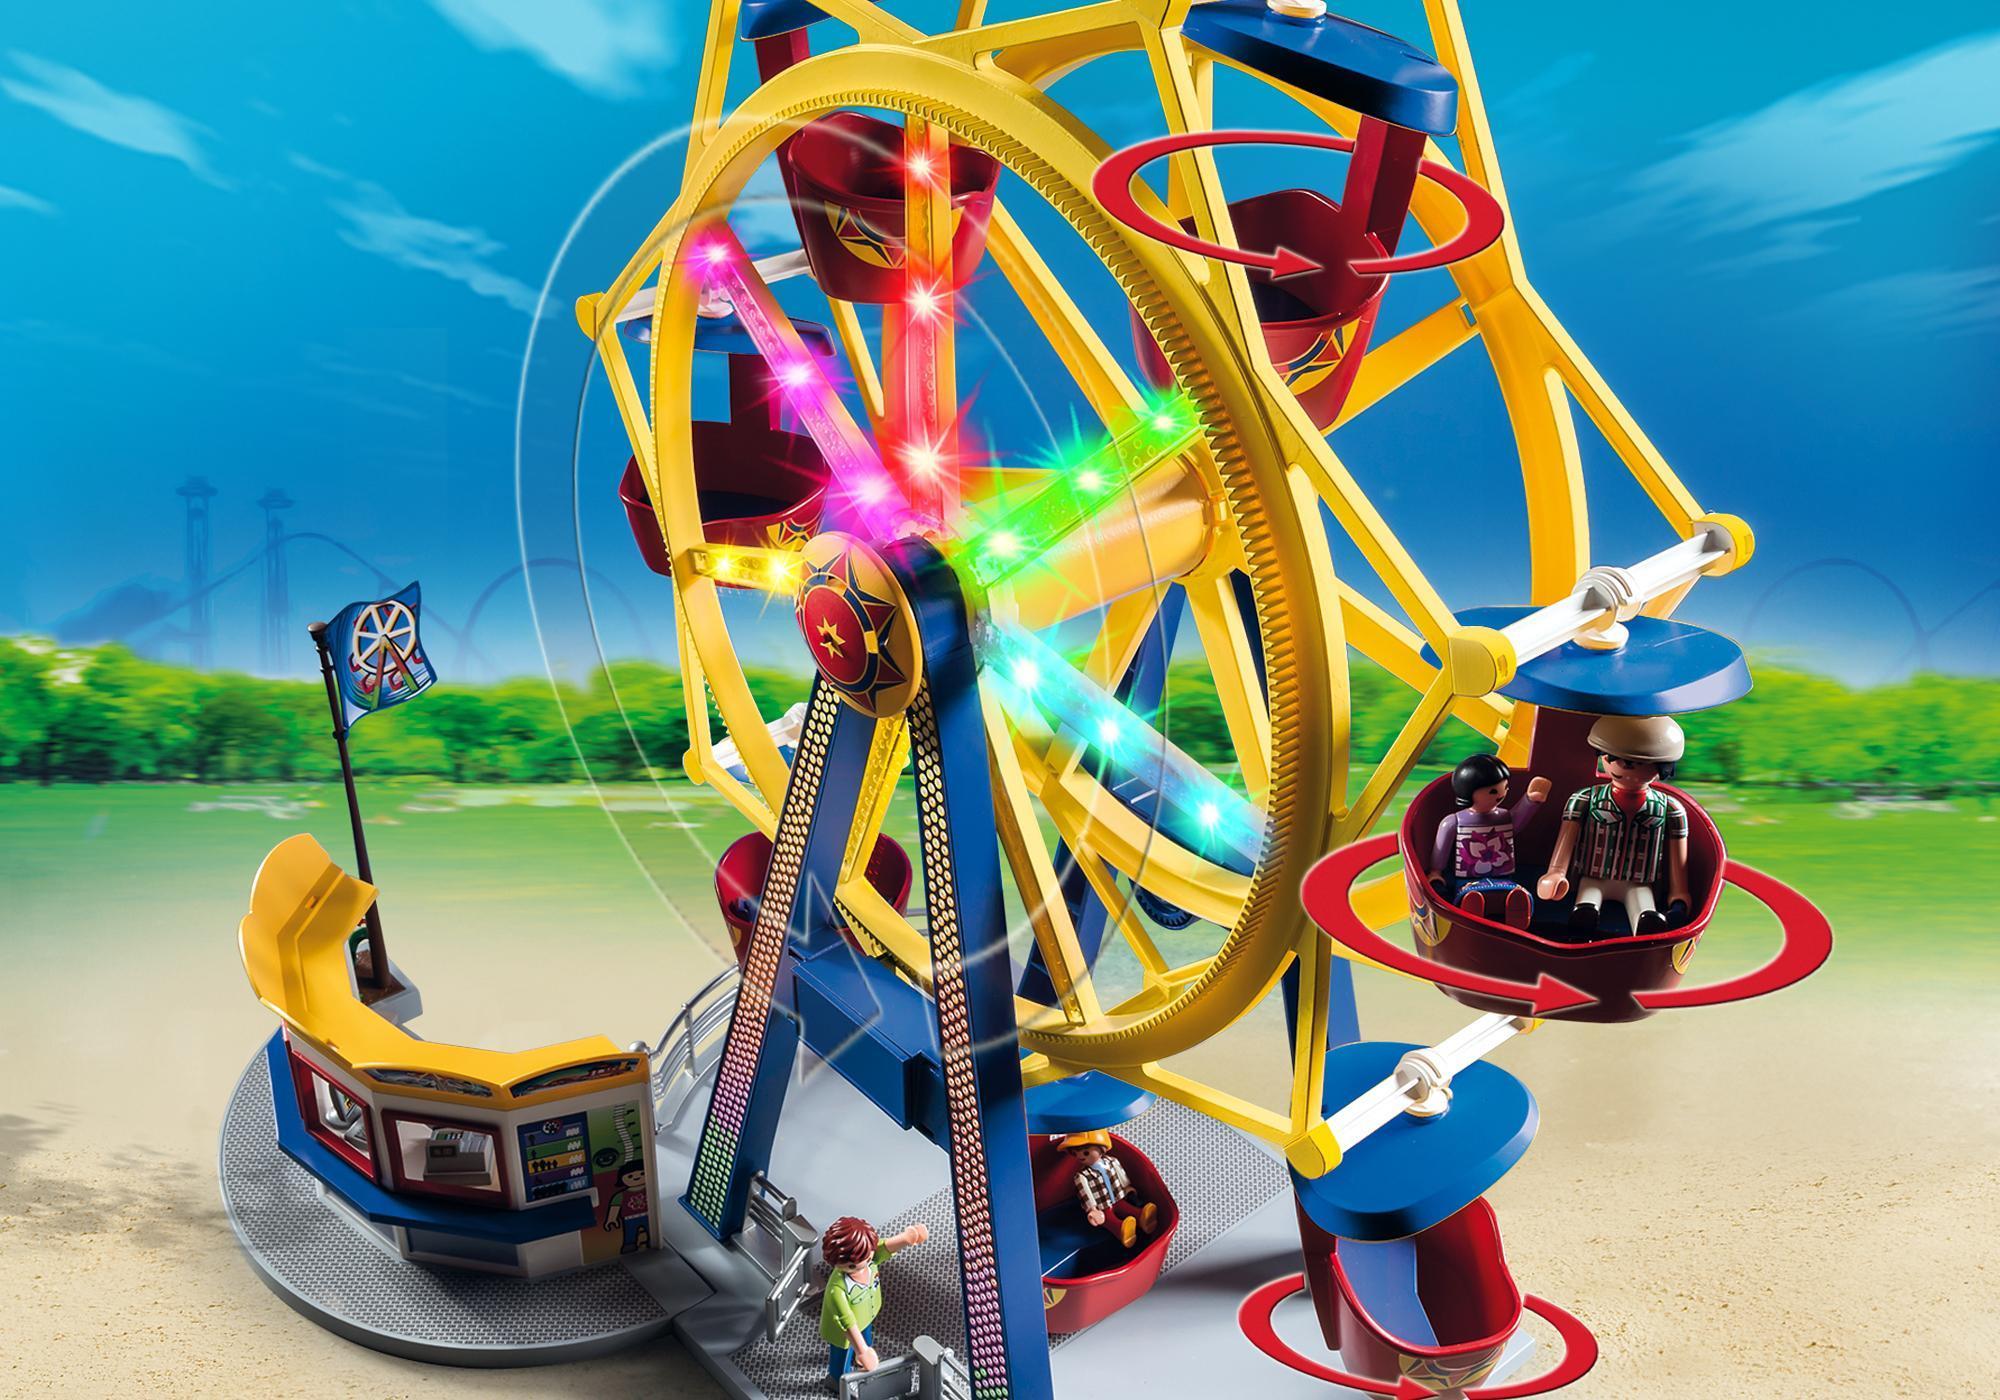 http://media.playmobil.com/i/playmobil/5552_product_extra3/Noria con Luces